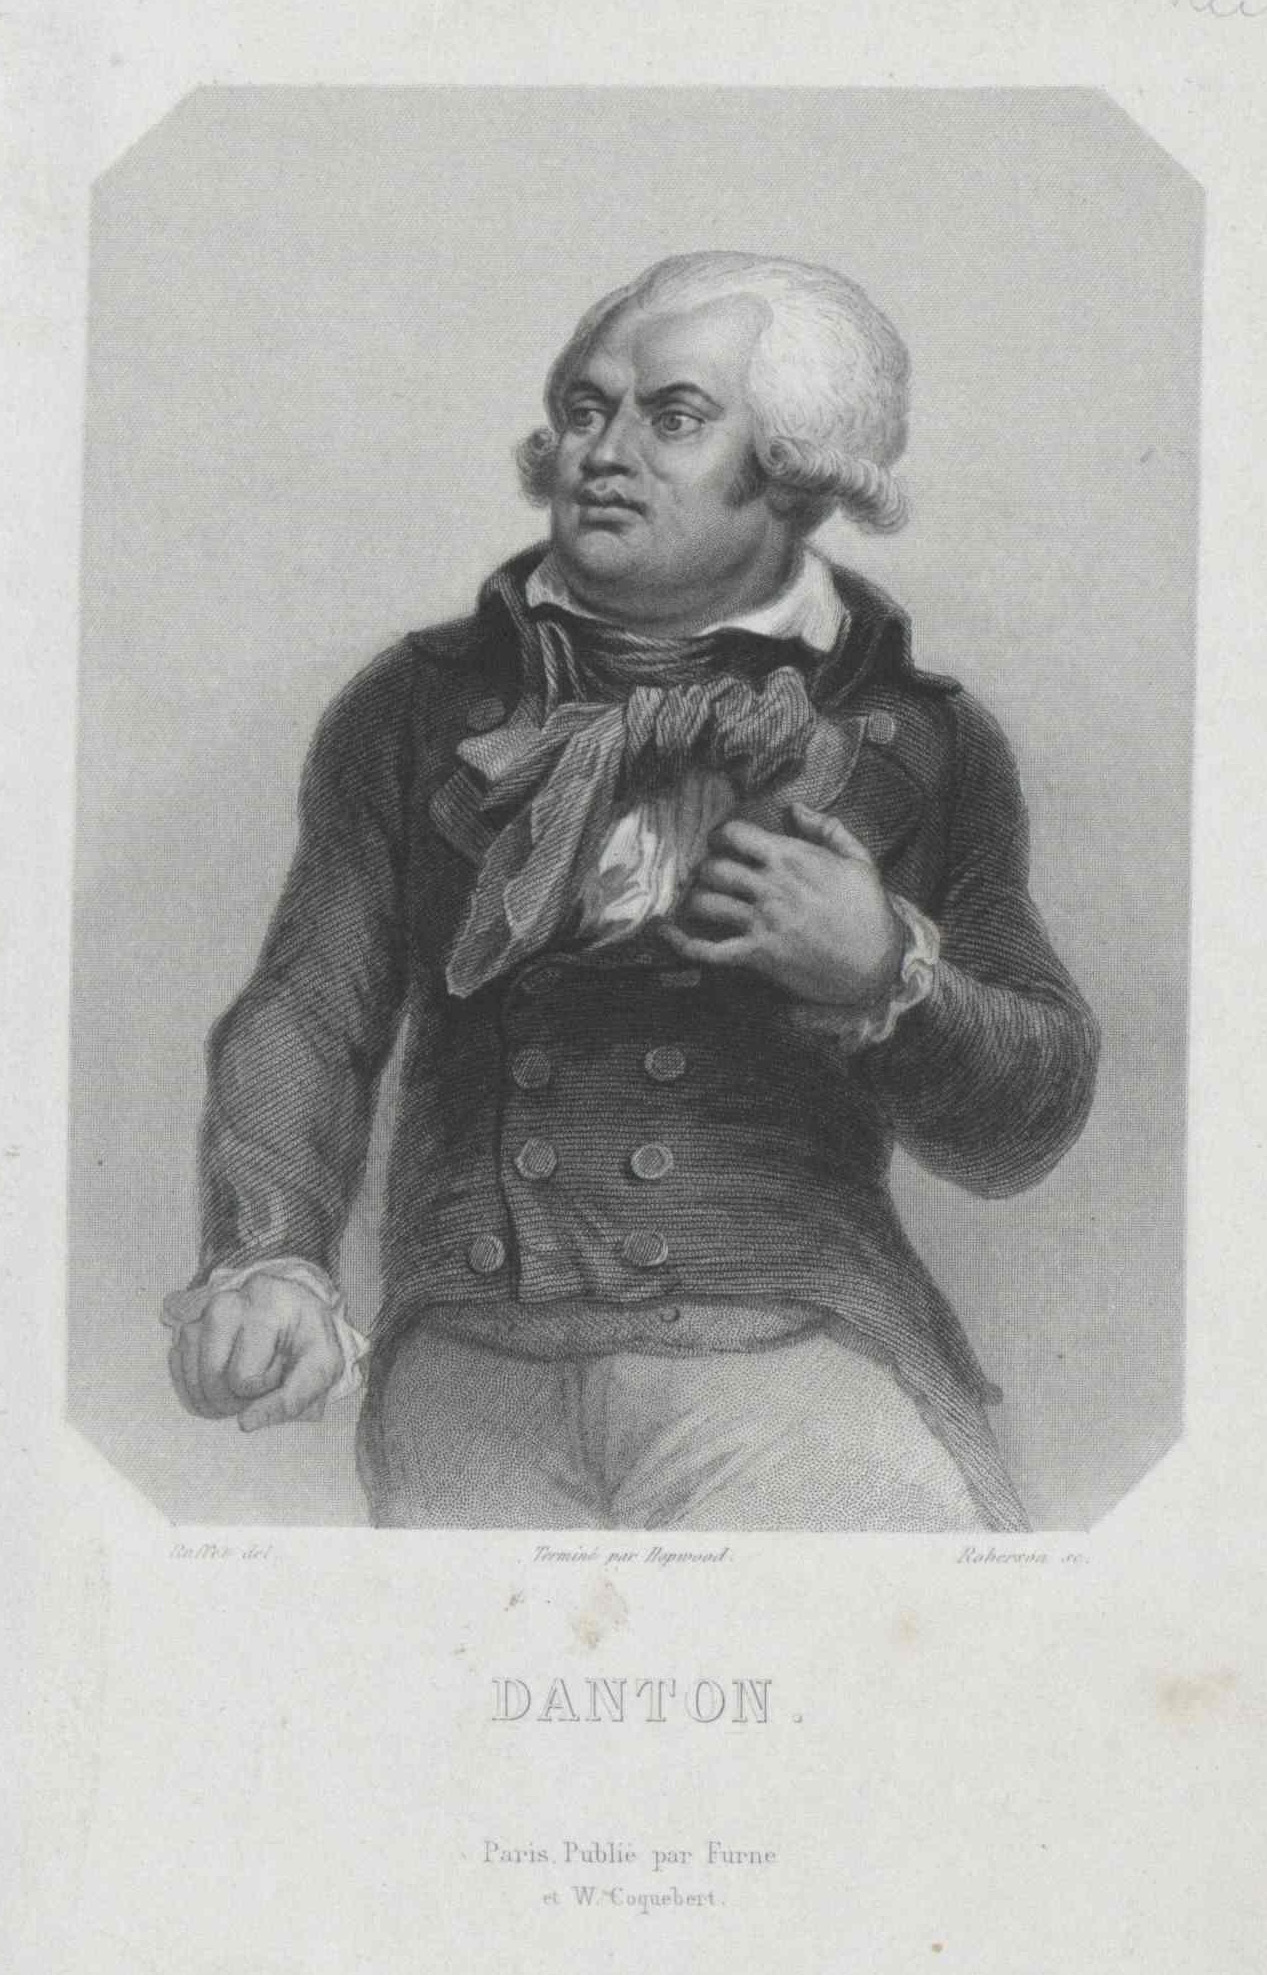 Georges Danton danton, georges wien, �sterreichische nationalbibliothek 1